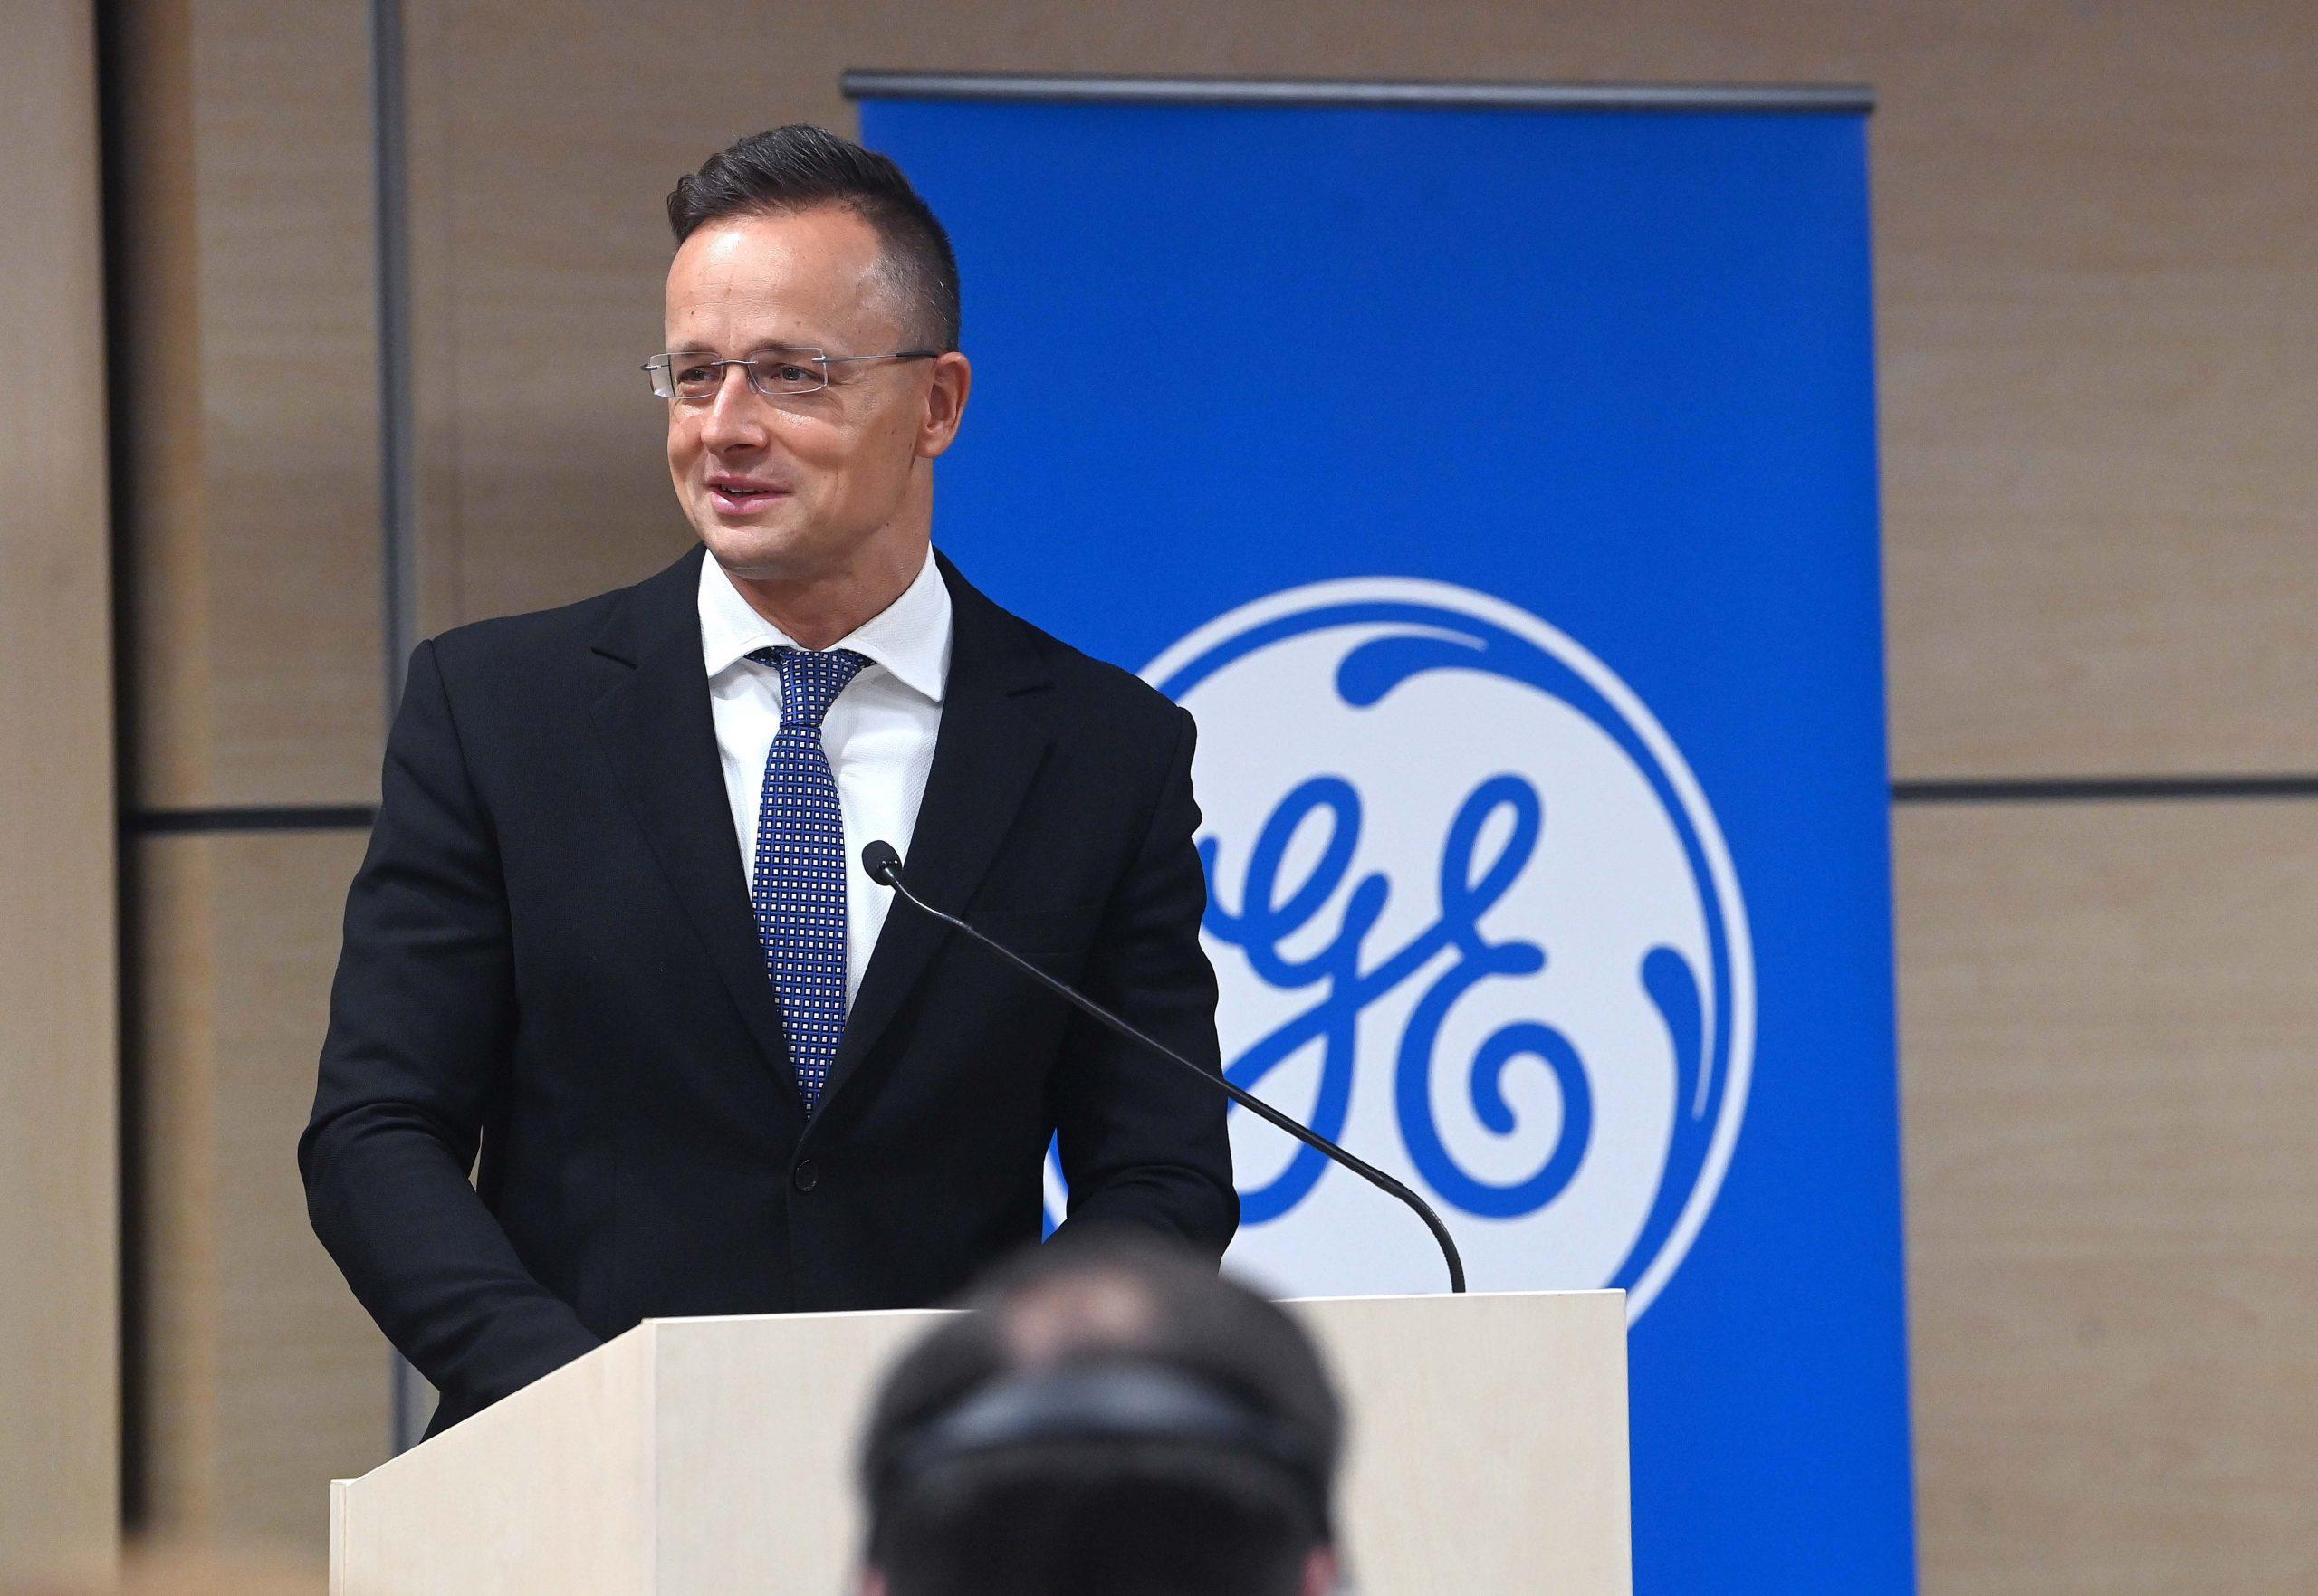 General Electric investiert 10 Milliarden Forint und schafft 100 Arbeitsplätze